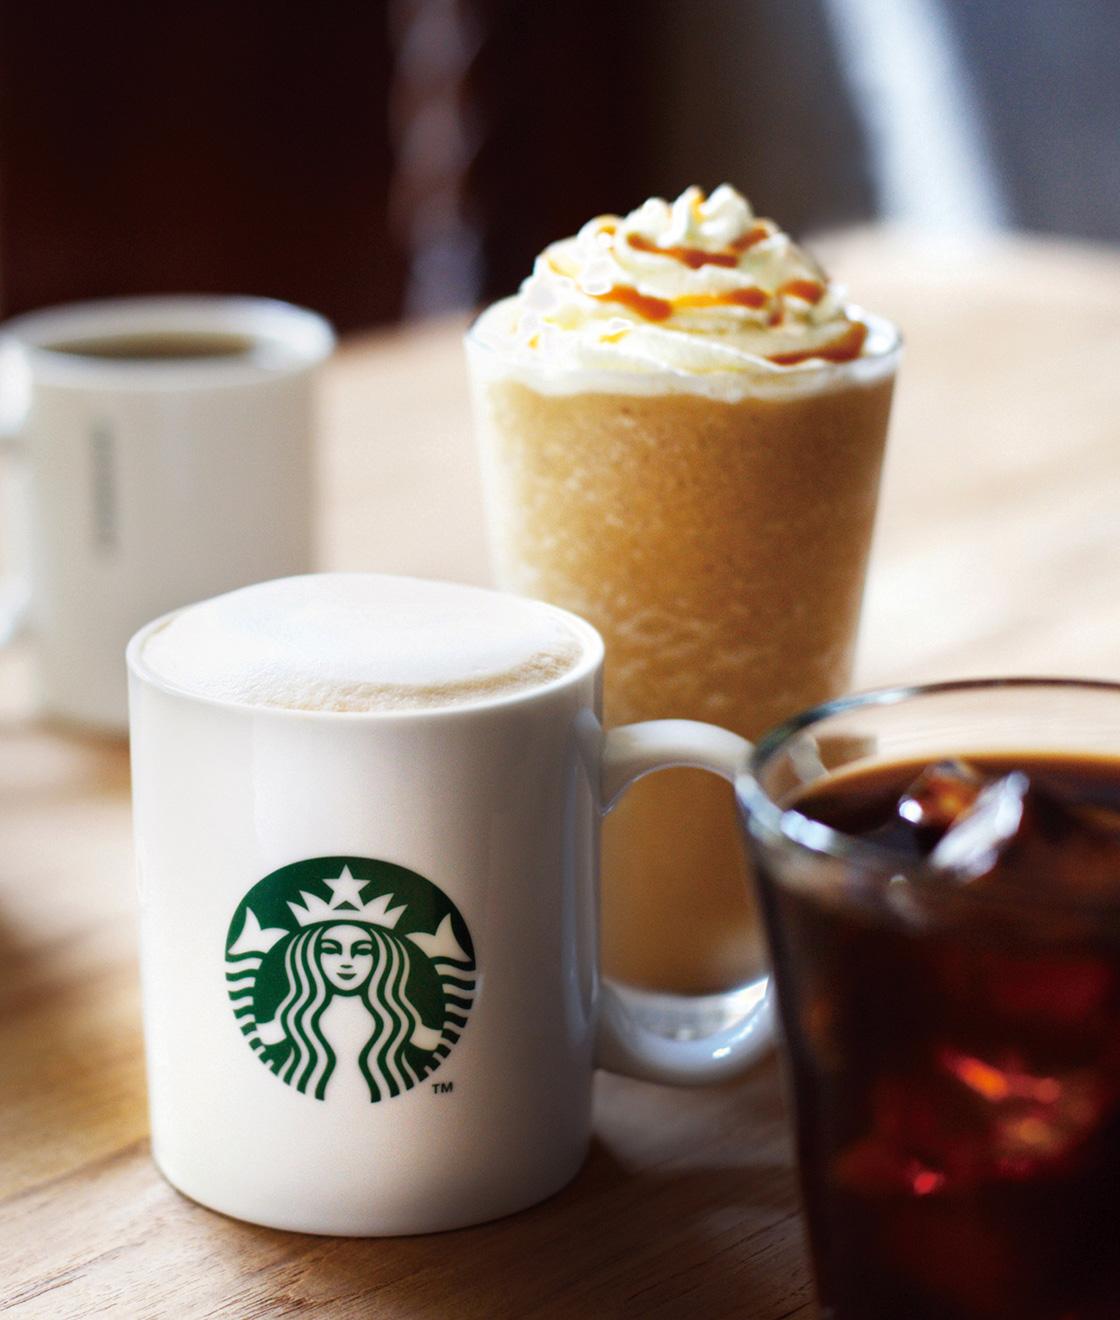 「野遊び × コーヒー」を<br>楽しめるカフェ。